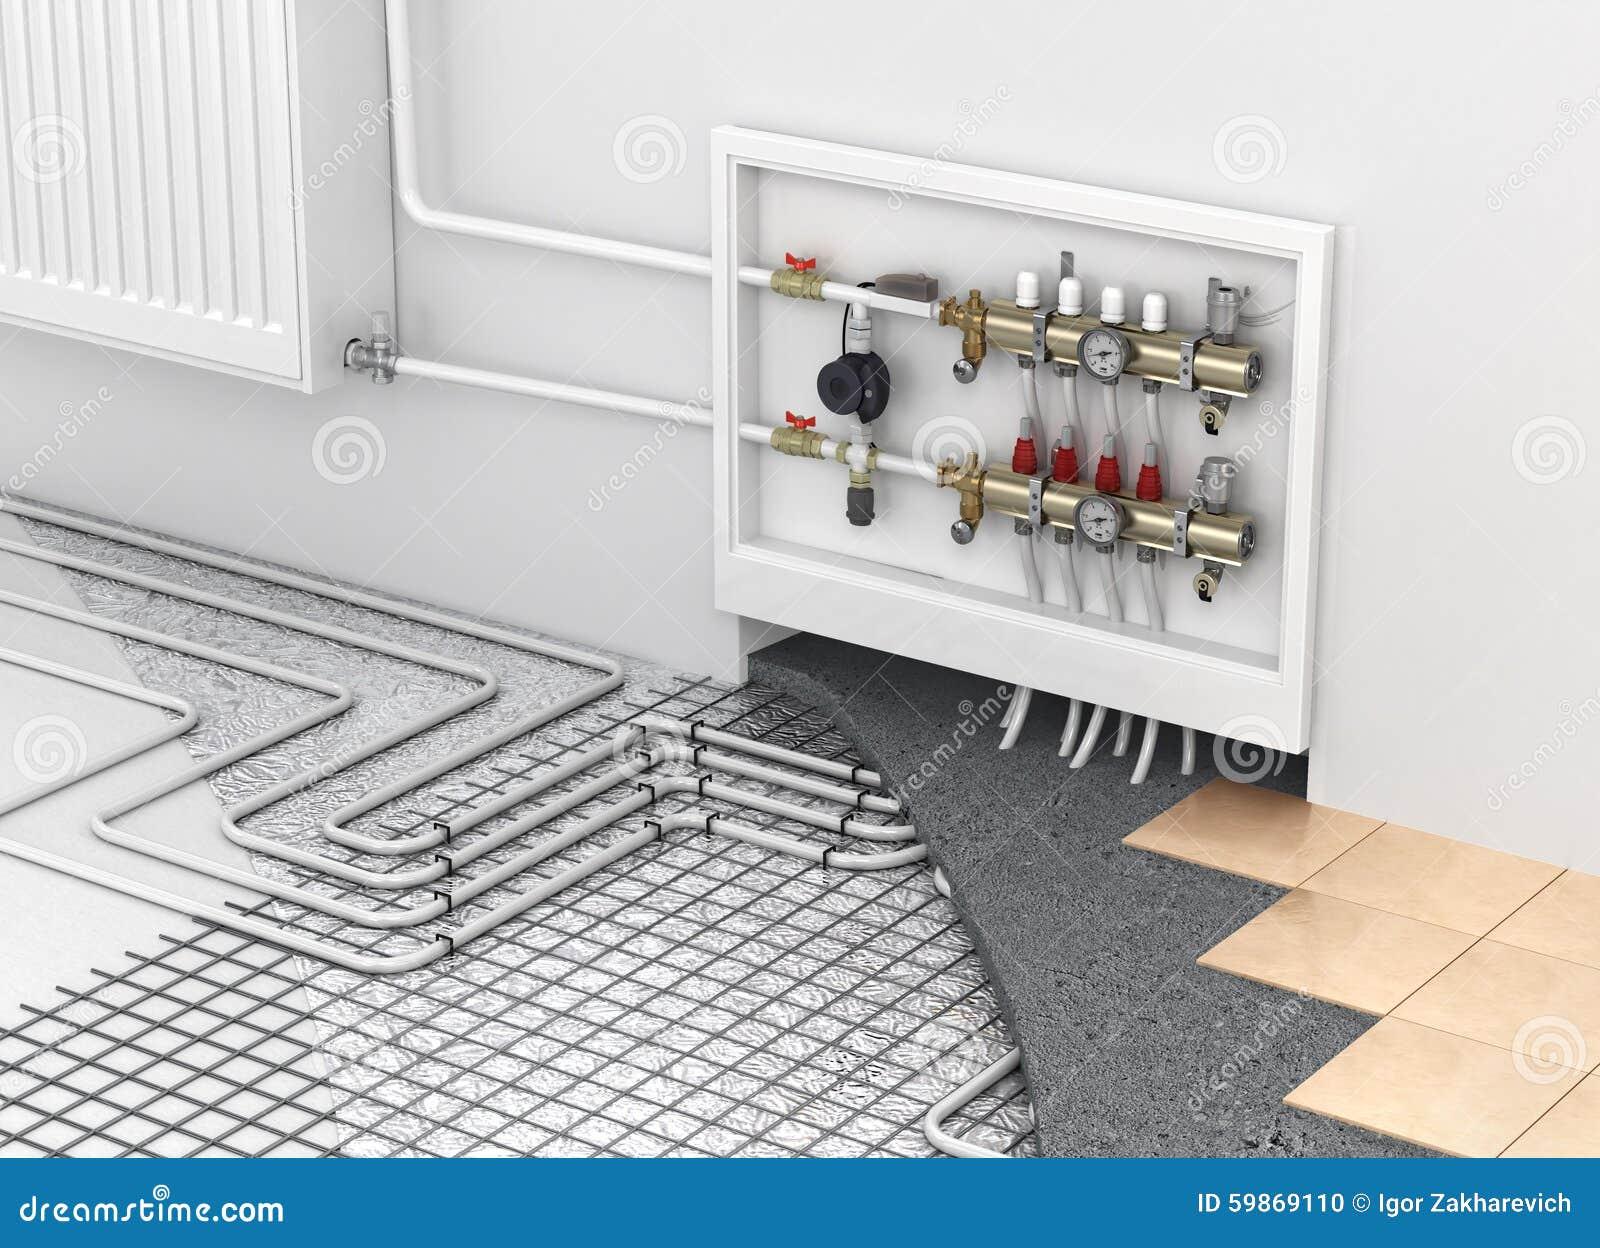 Bodenheizung Mit Kollektor Und Heizkorper Im Raum Conc Stockfoto